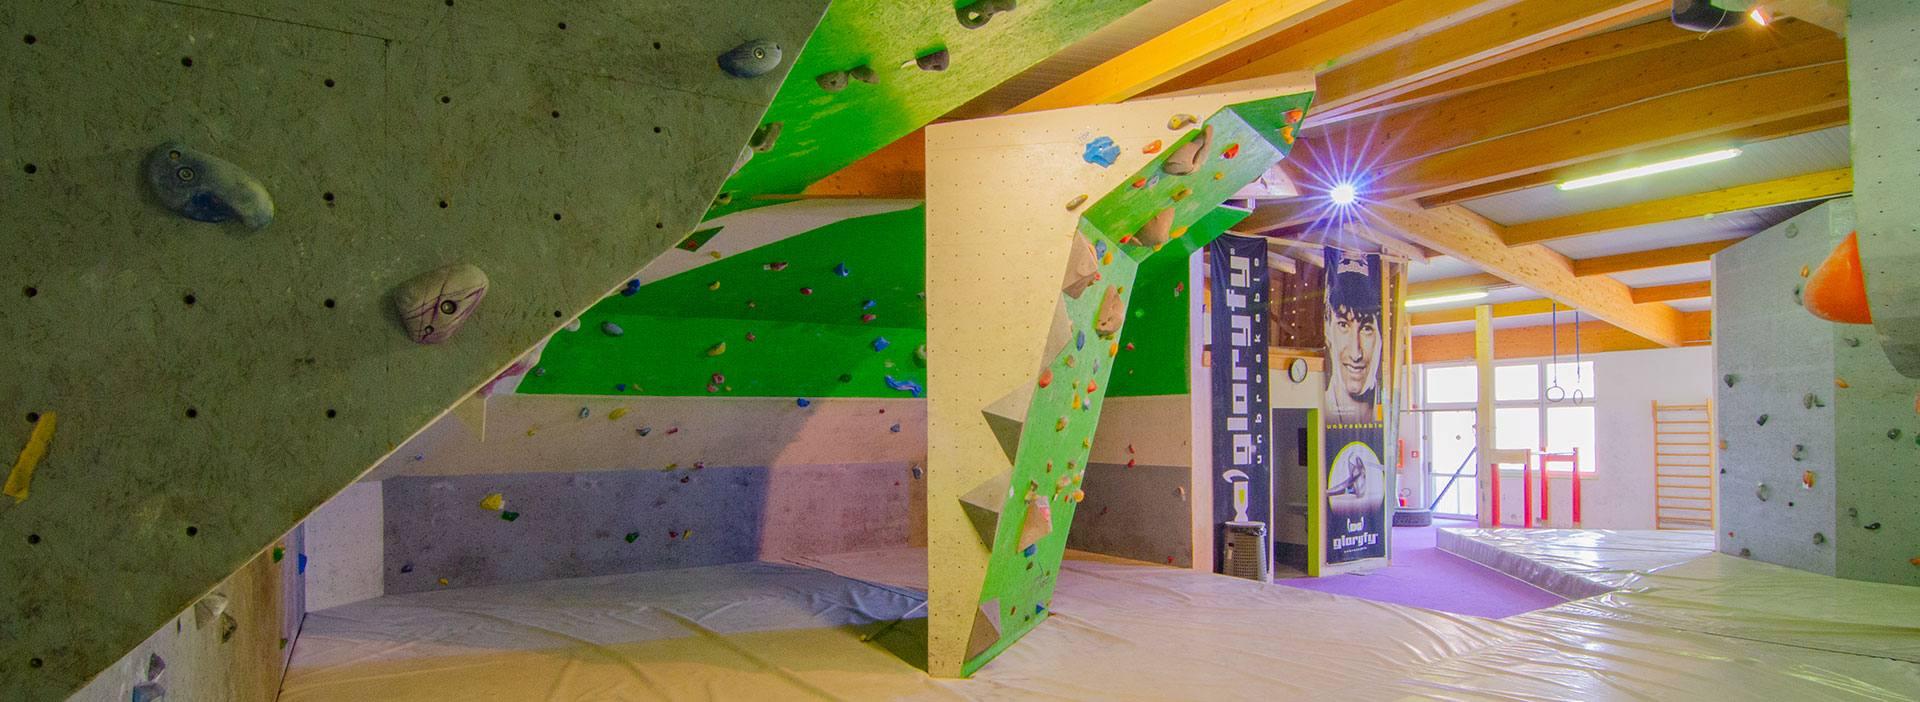 Kletterhalle Bouldergym Ropeless